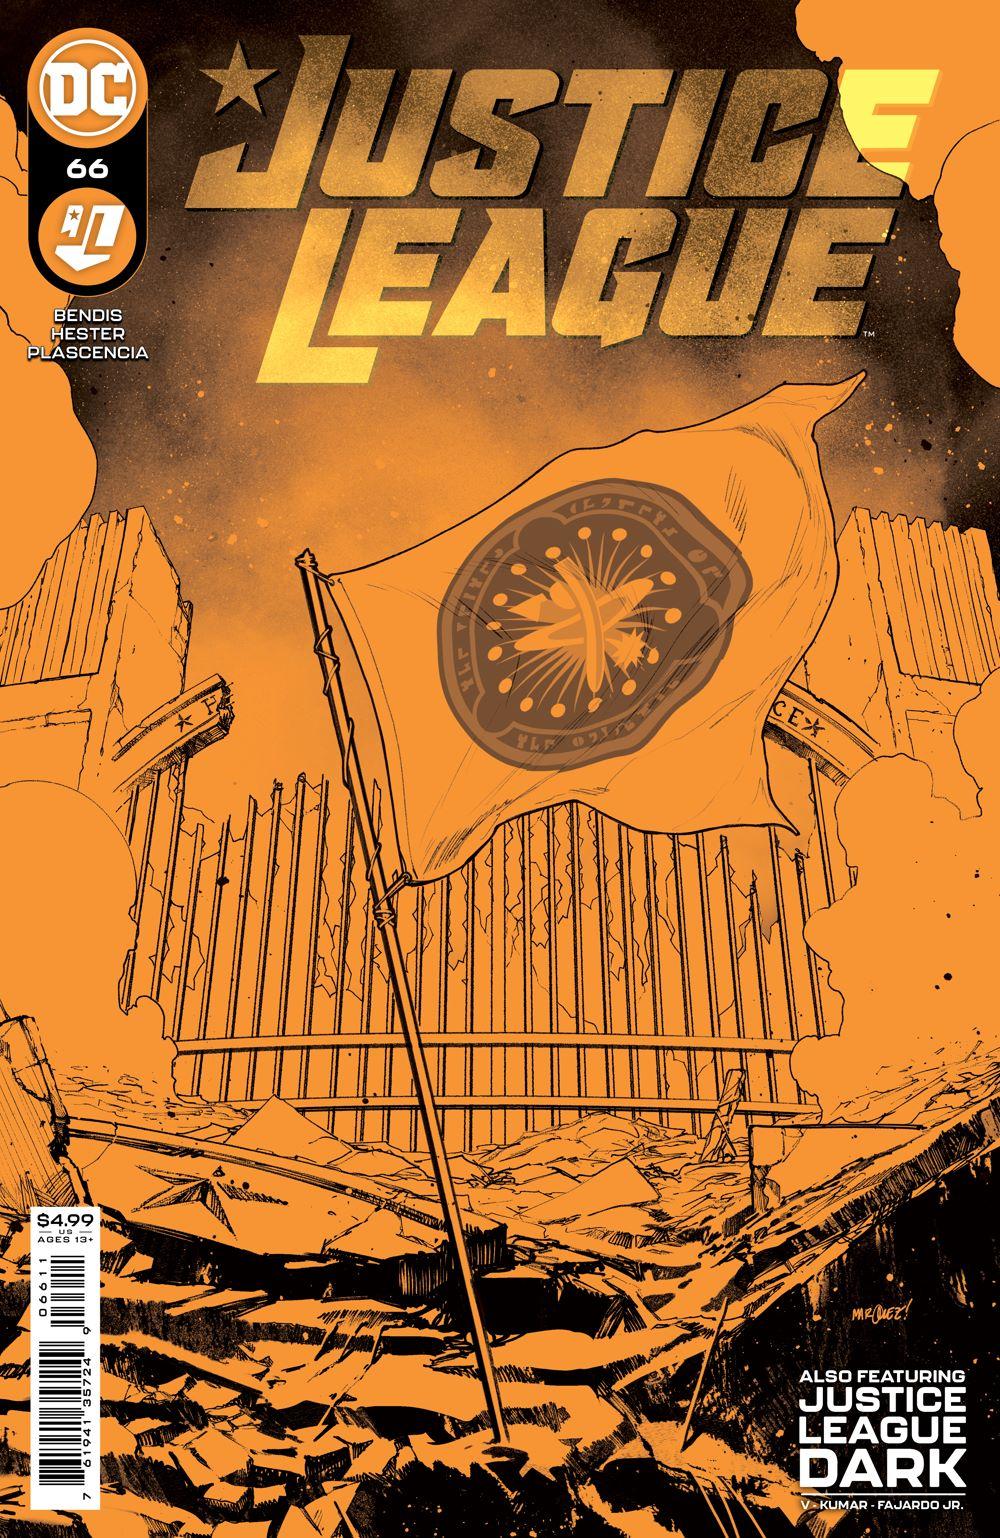 JL_Cv66 DC Comics August 2021 Solicitations